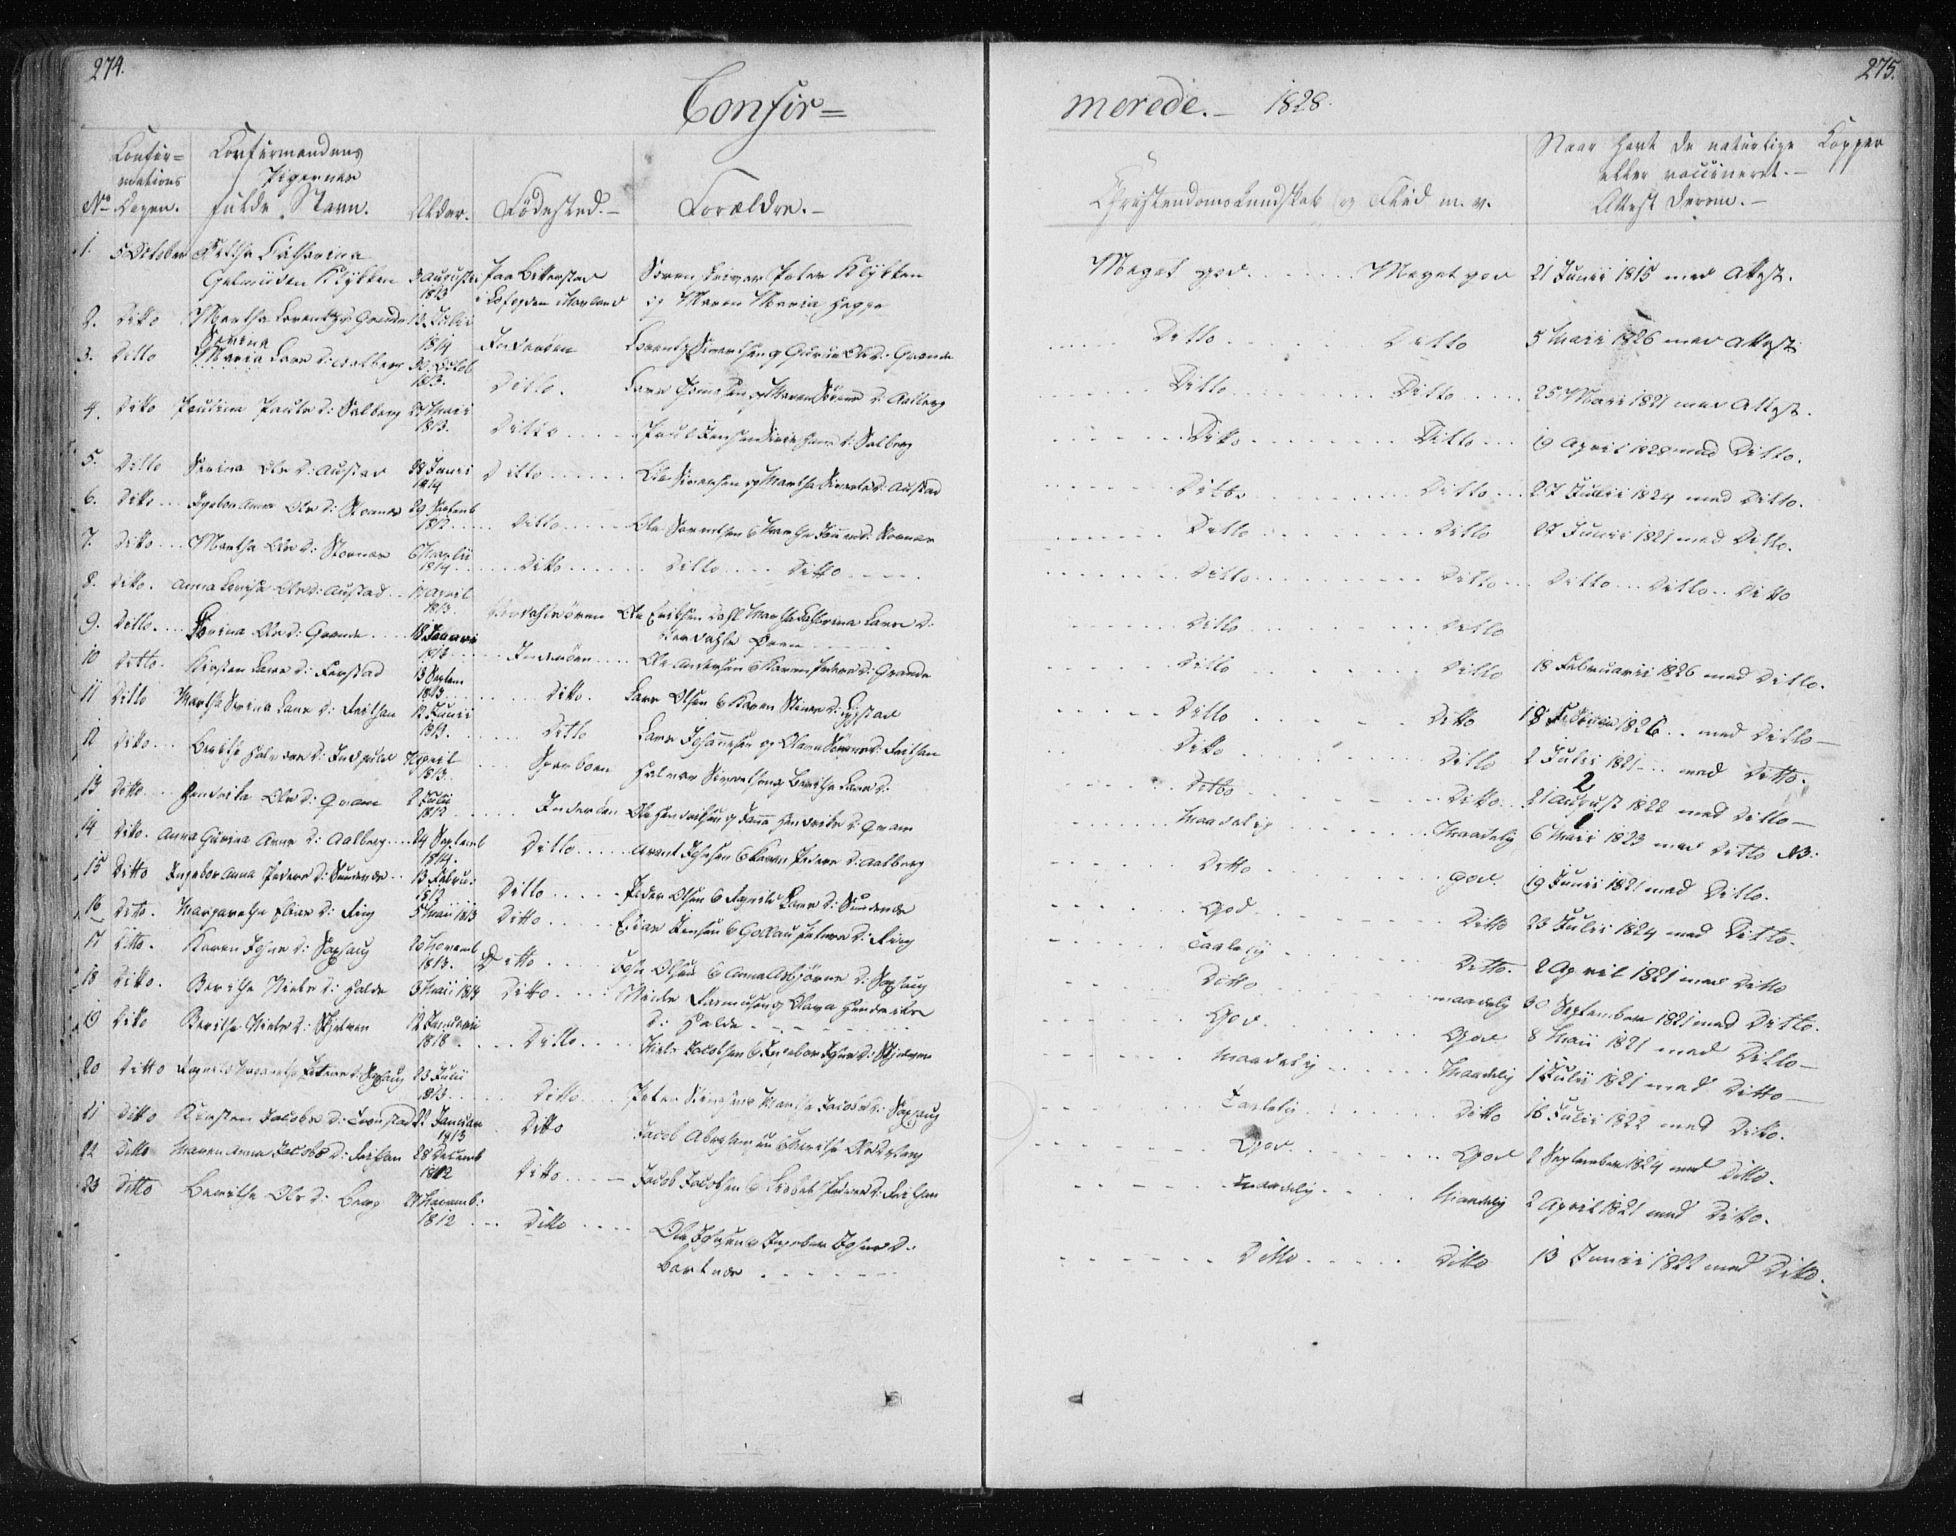 SAT, Ministerialprotokoller, klokkerbøker og fødselsregistre - Nord-Trøndelag, 730/L0276: Ministerialbok nr. 730A05, 1822-1830, s. 274-275